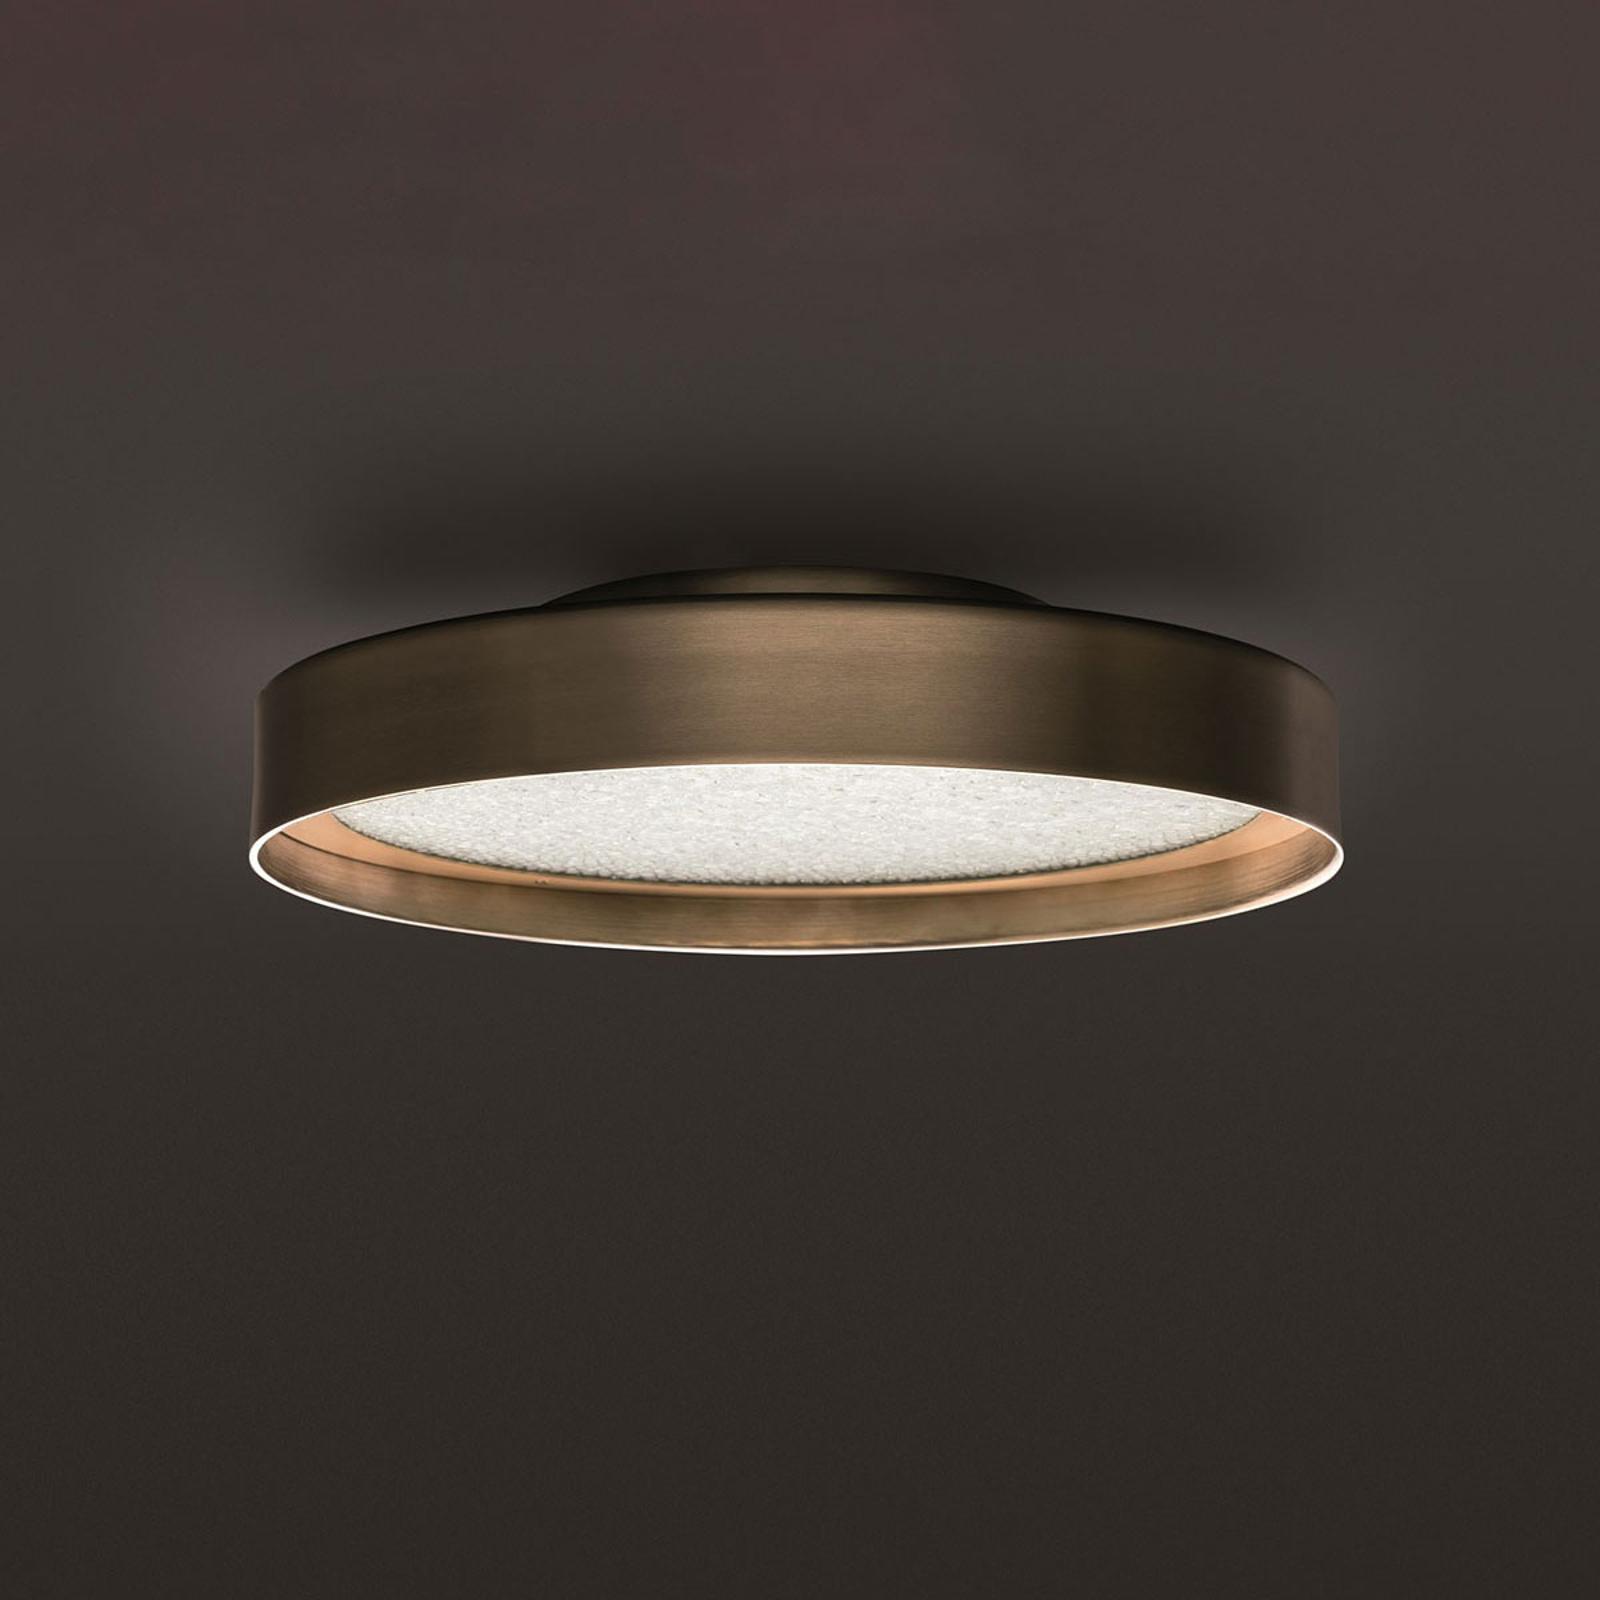 Oluce Berlin plafondlamp, doorsnede 30 cm